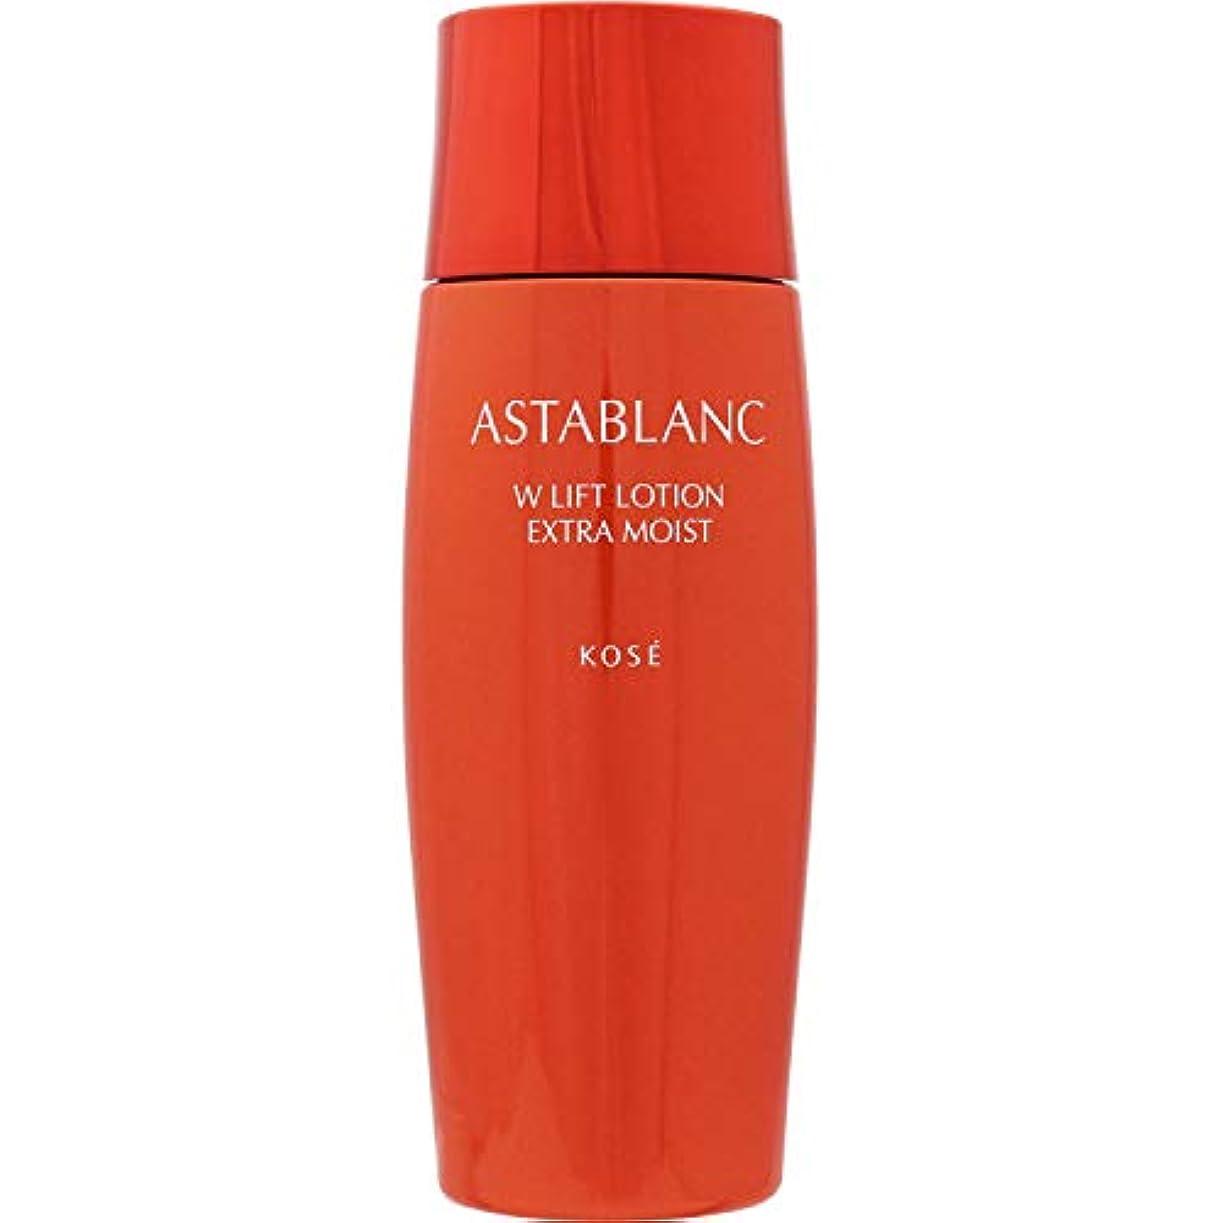 ラボミント支給ASTABLANC(アスタブラン) アスタブラン Wリフト ローション とてもしっとり 化粧水 140mL